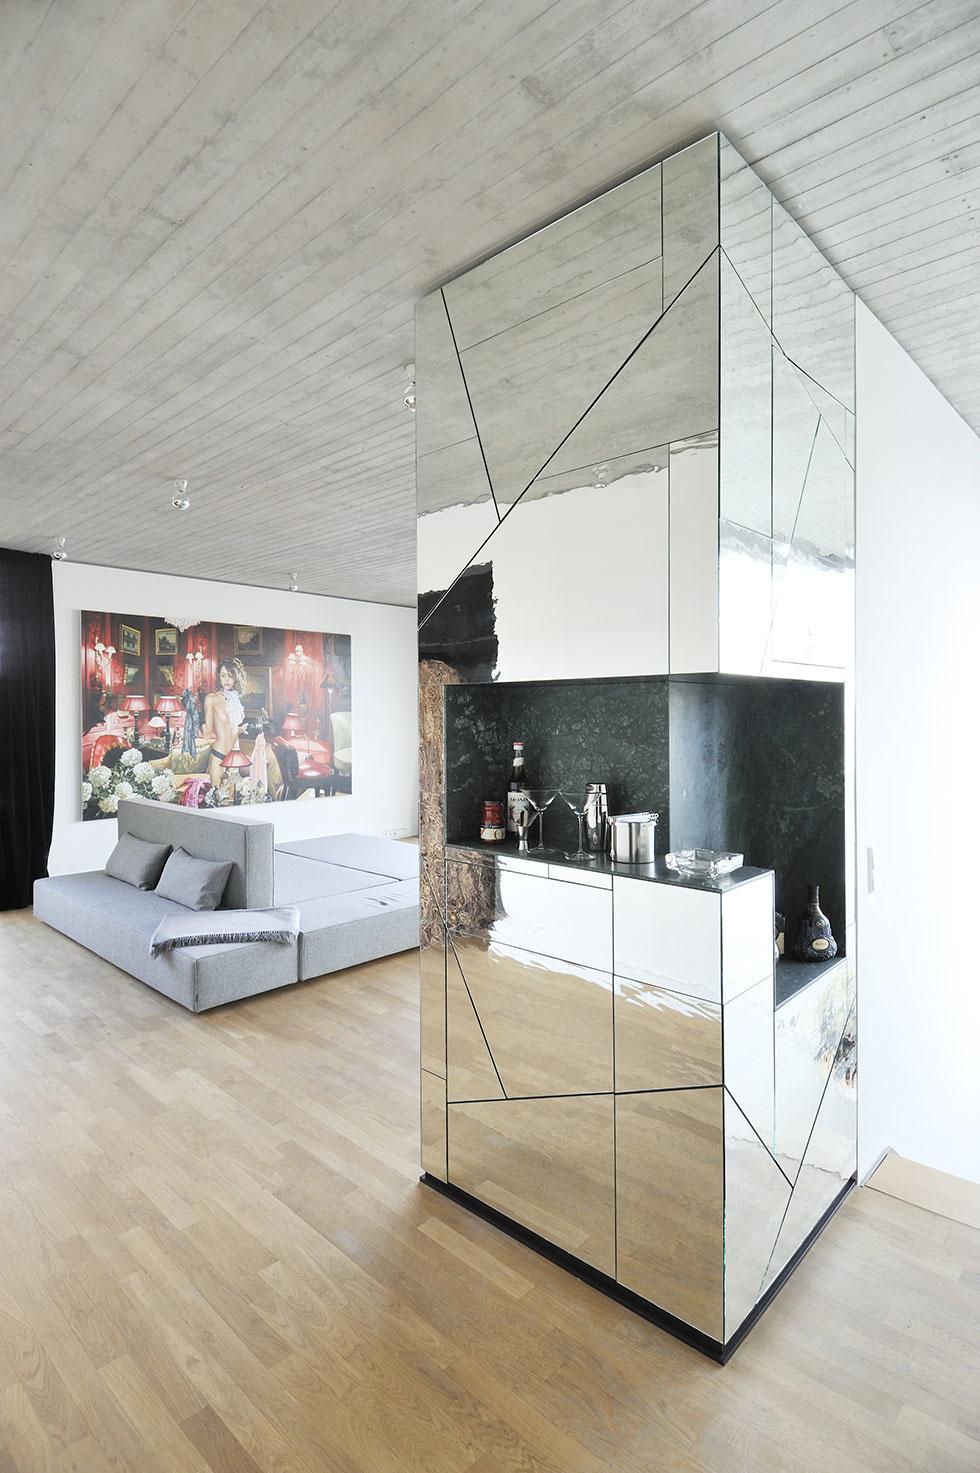 spaces - Oskar Kohnen Studio